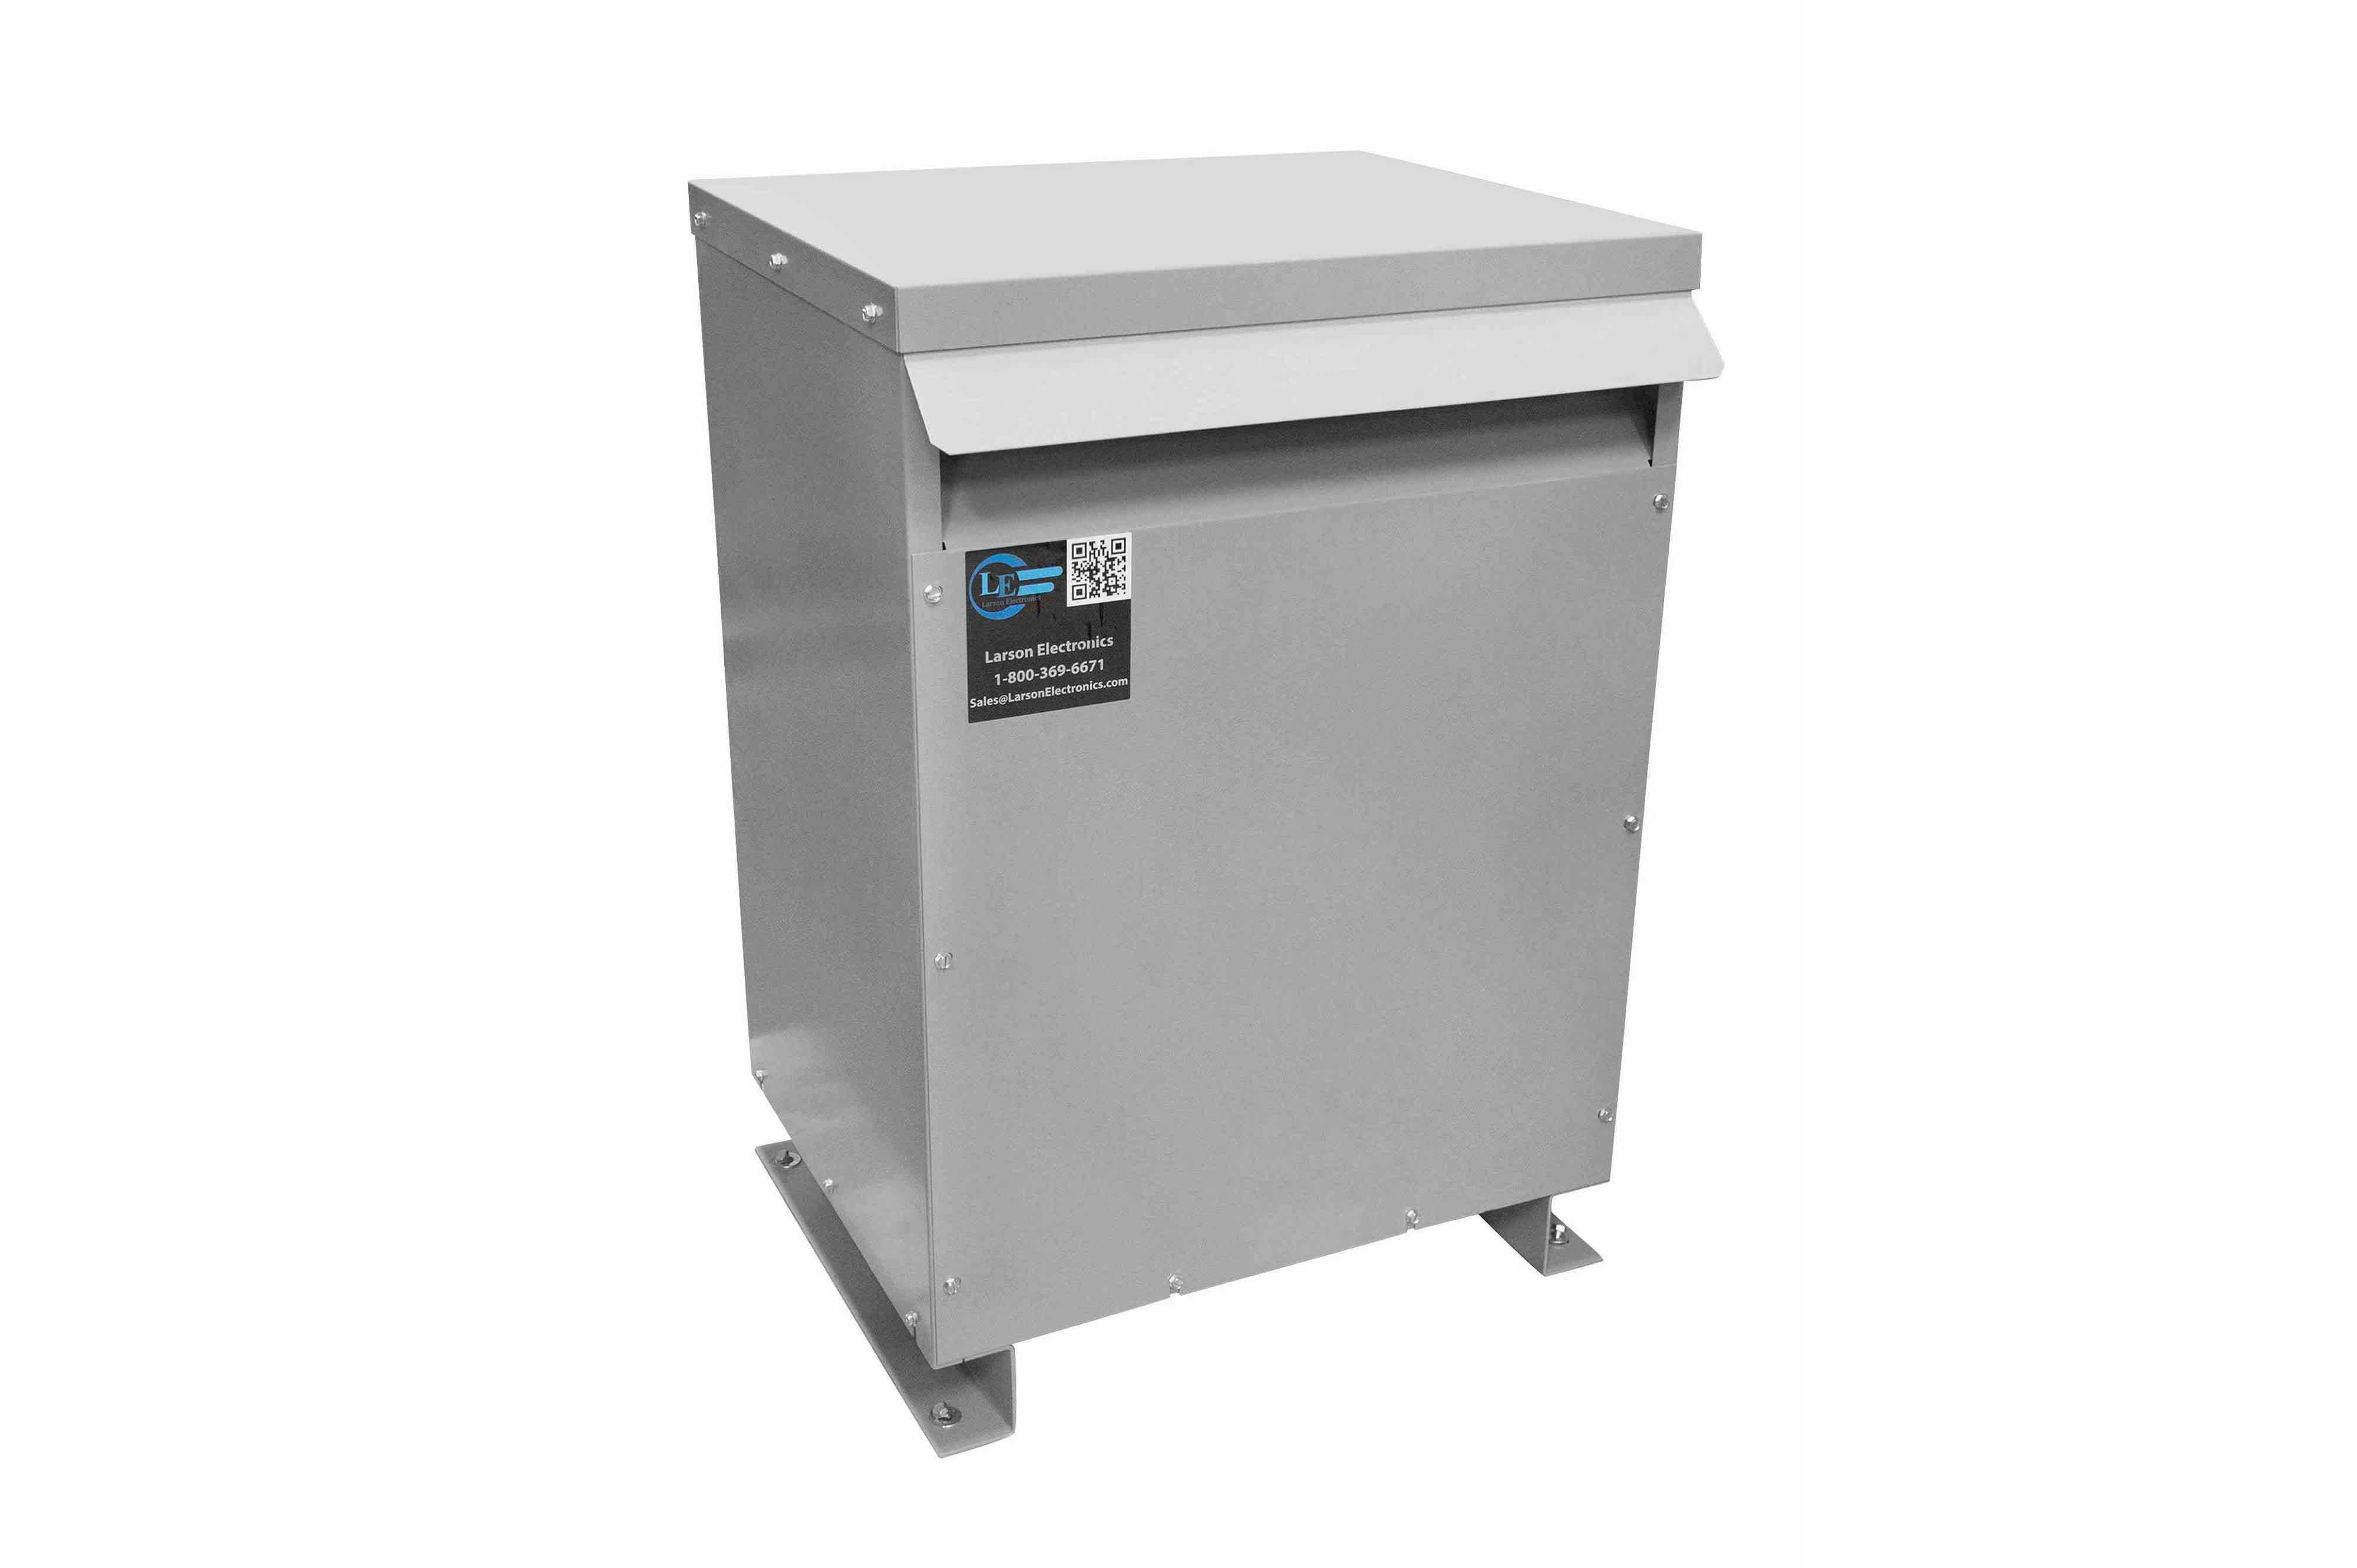 125 kVA 3PH Isolation Transformer, 575V Delta Primary, 415V Delta Secondary, N3R, Ventilated, 60 Hz